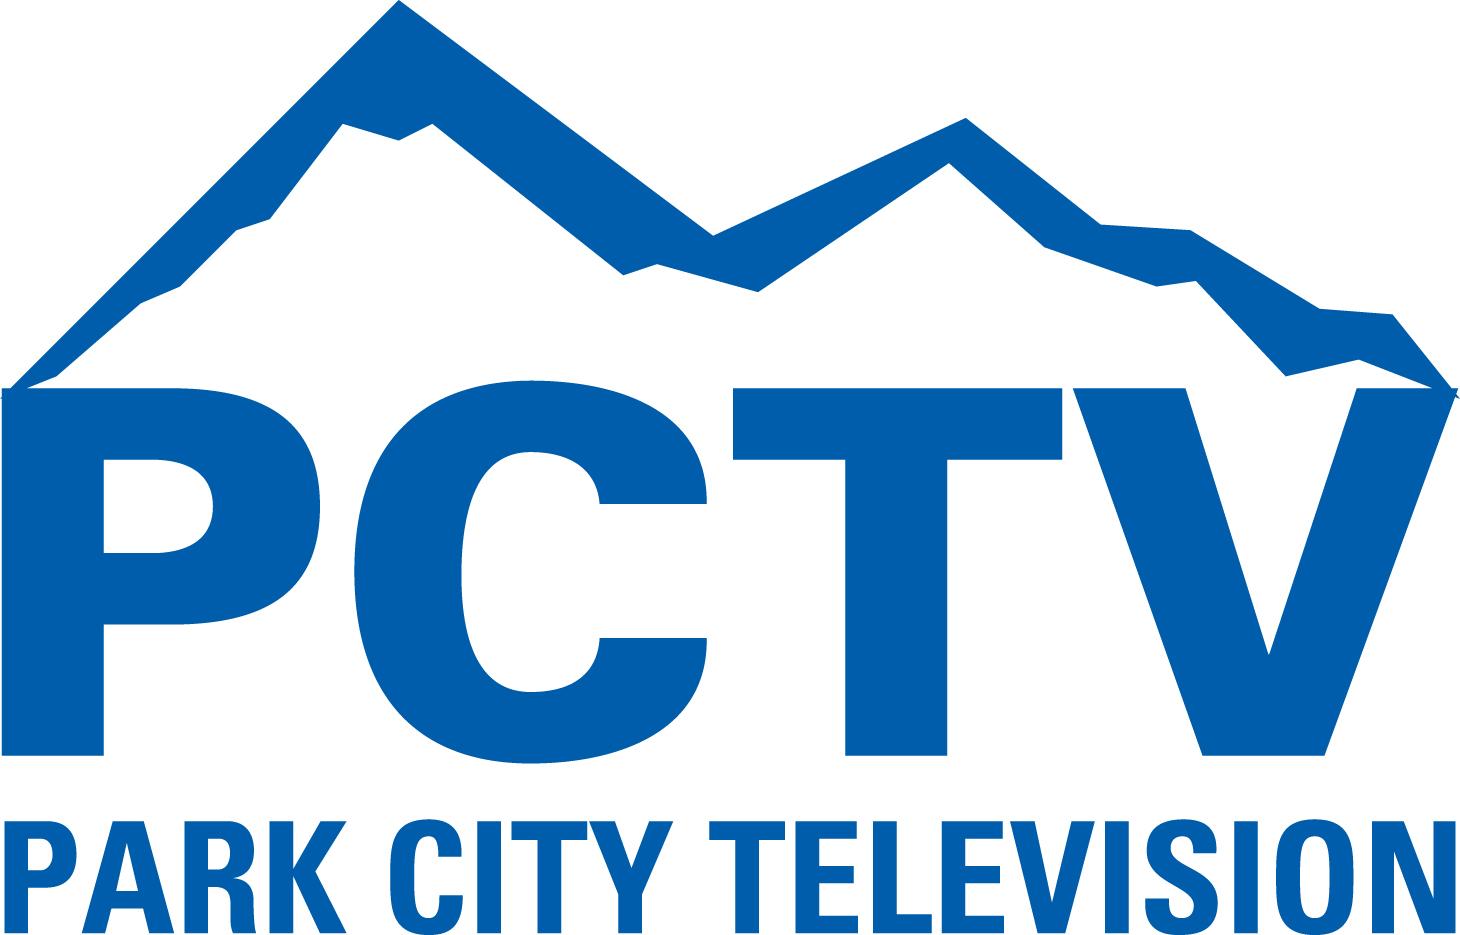 PCTV_JPEGv.jpg